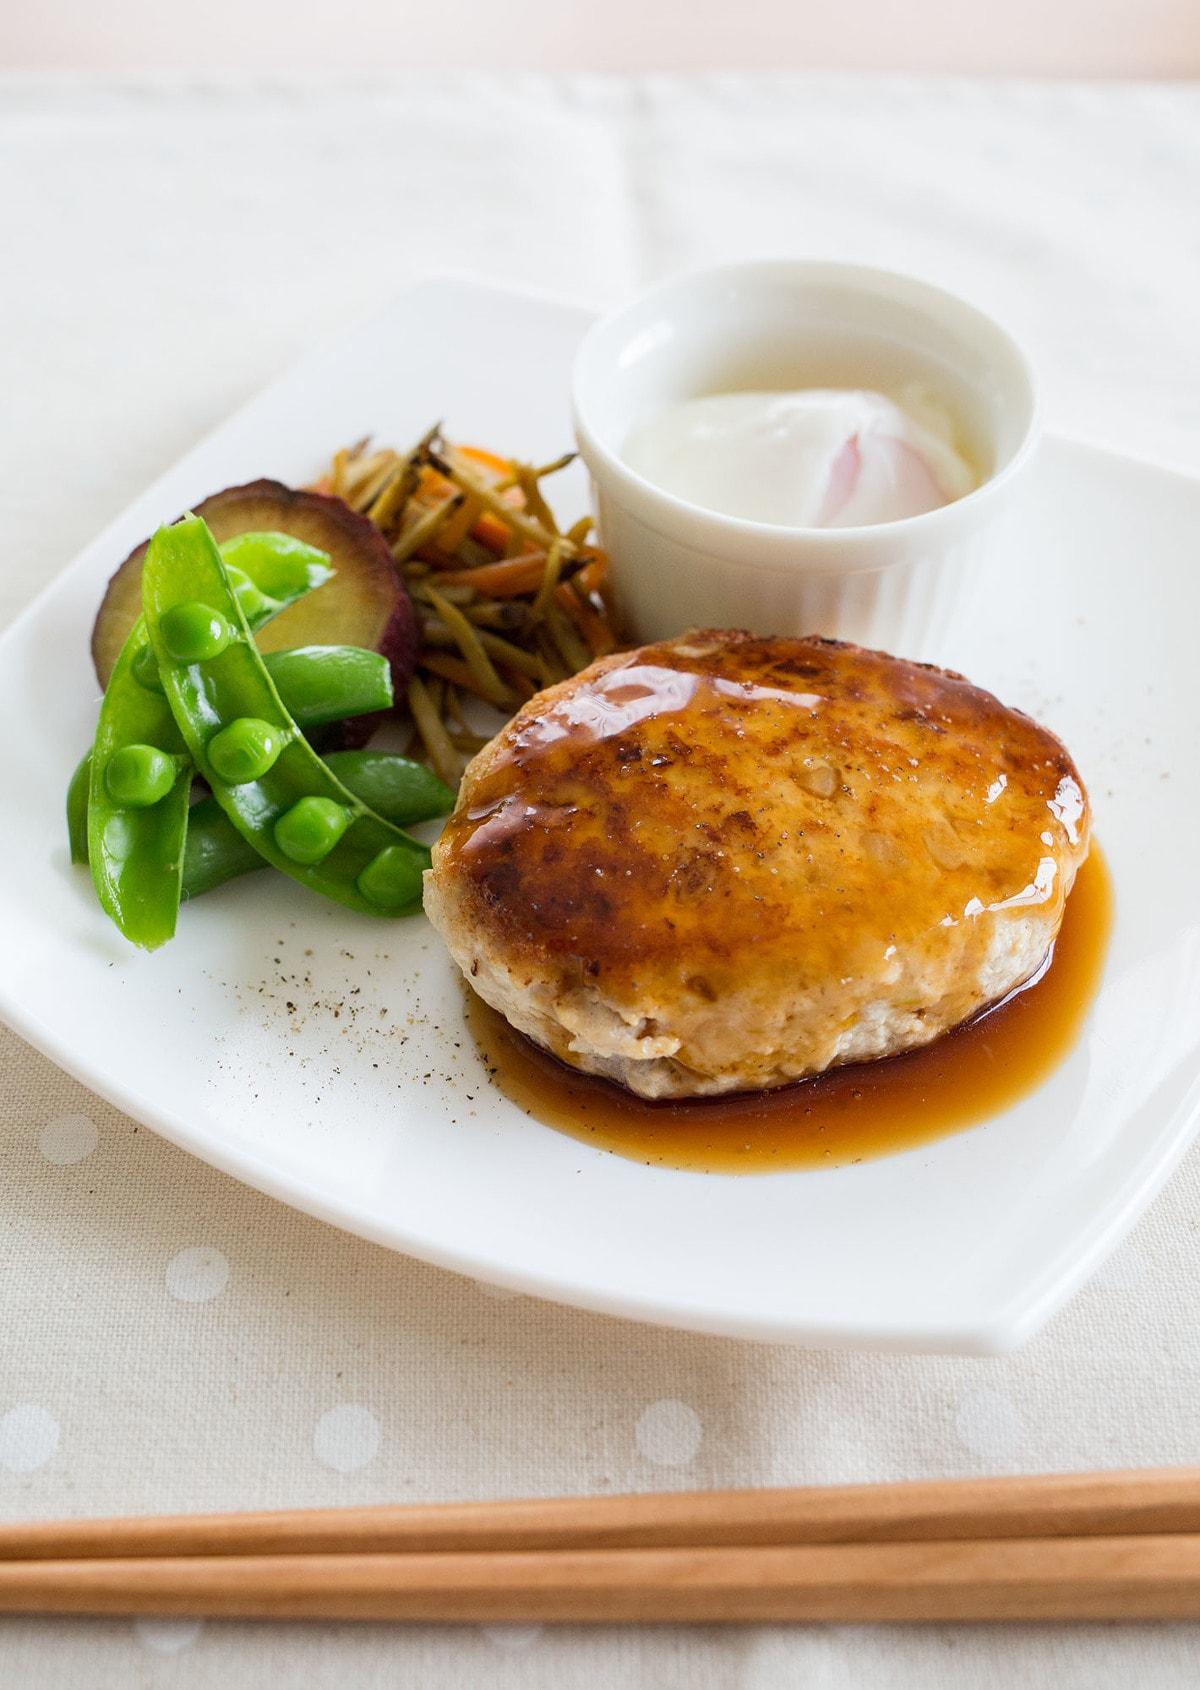 ハンバーグ 鶏肉 豆腐